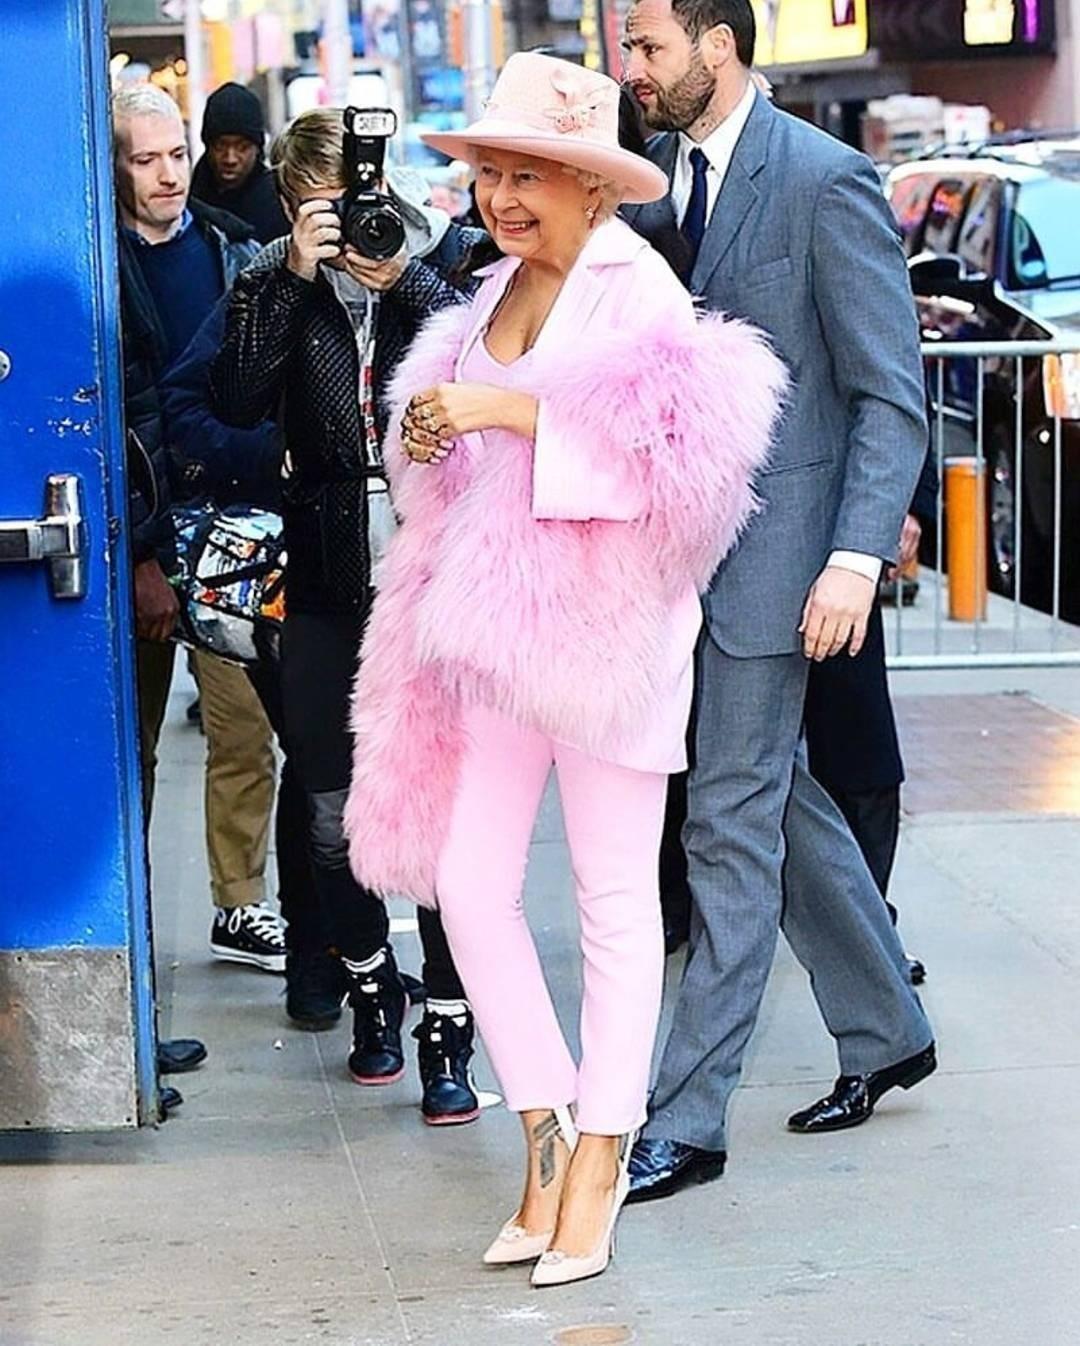 С молодежным стилем и классикой определились, а что насчет гламура? Розовый цвет, перья и шпильки к лицу британской королеве? Если бы Фредди Мейд был стилистом Елизаветы II, то выбрал бы...